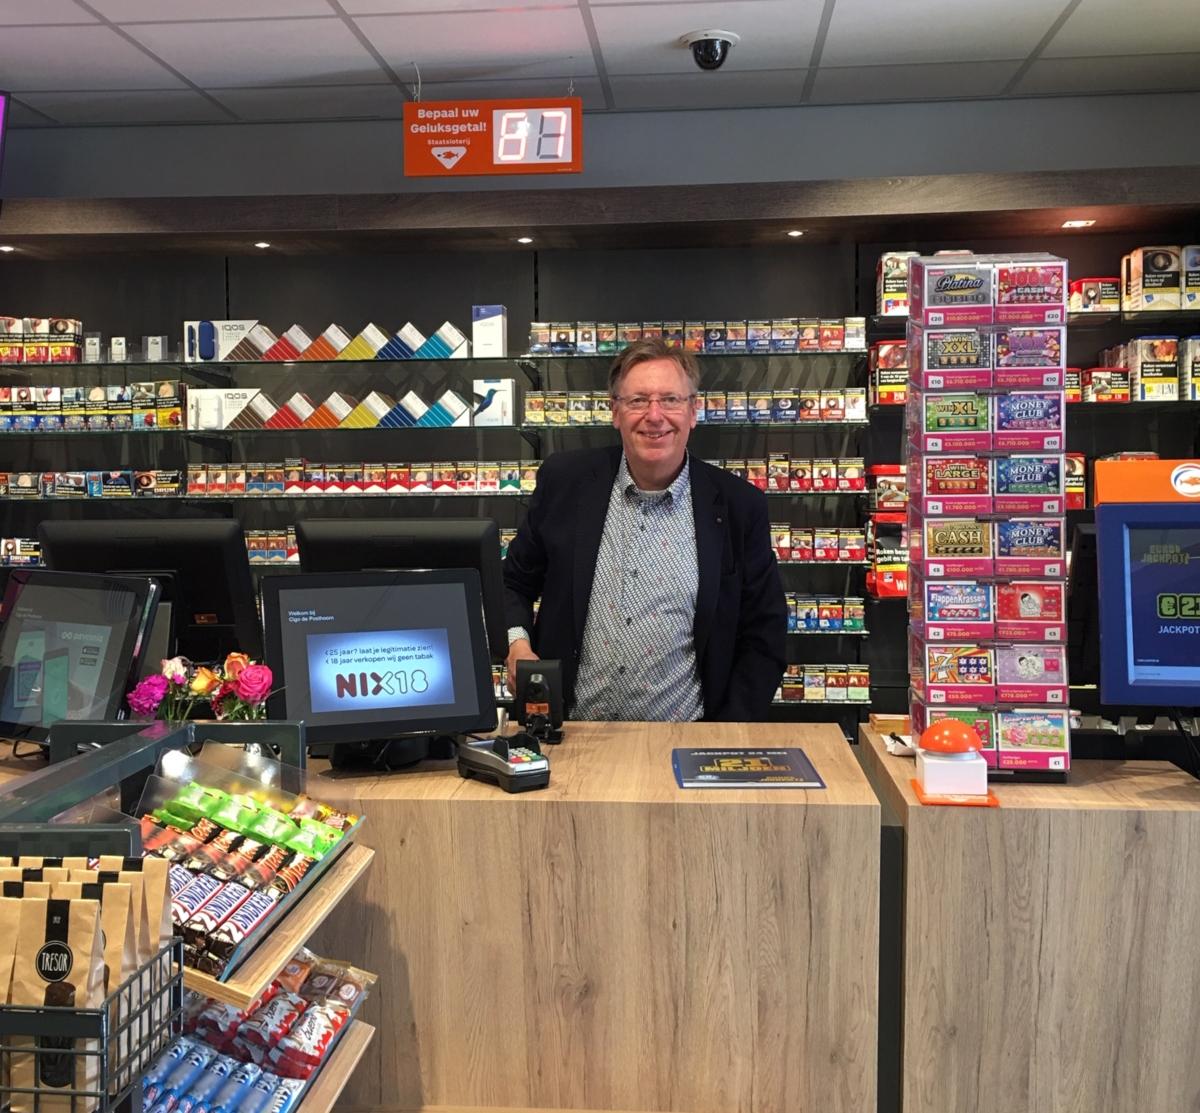 Cigo-Posthoorn-Kansspelclub-groot-tabaksassortiment-boeken-tijdschriften-Amstelveen-1200